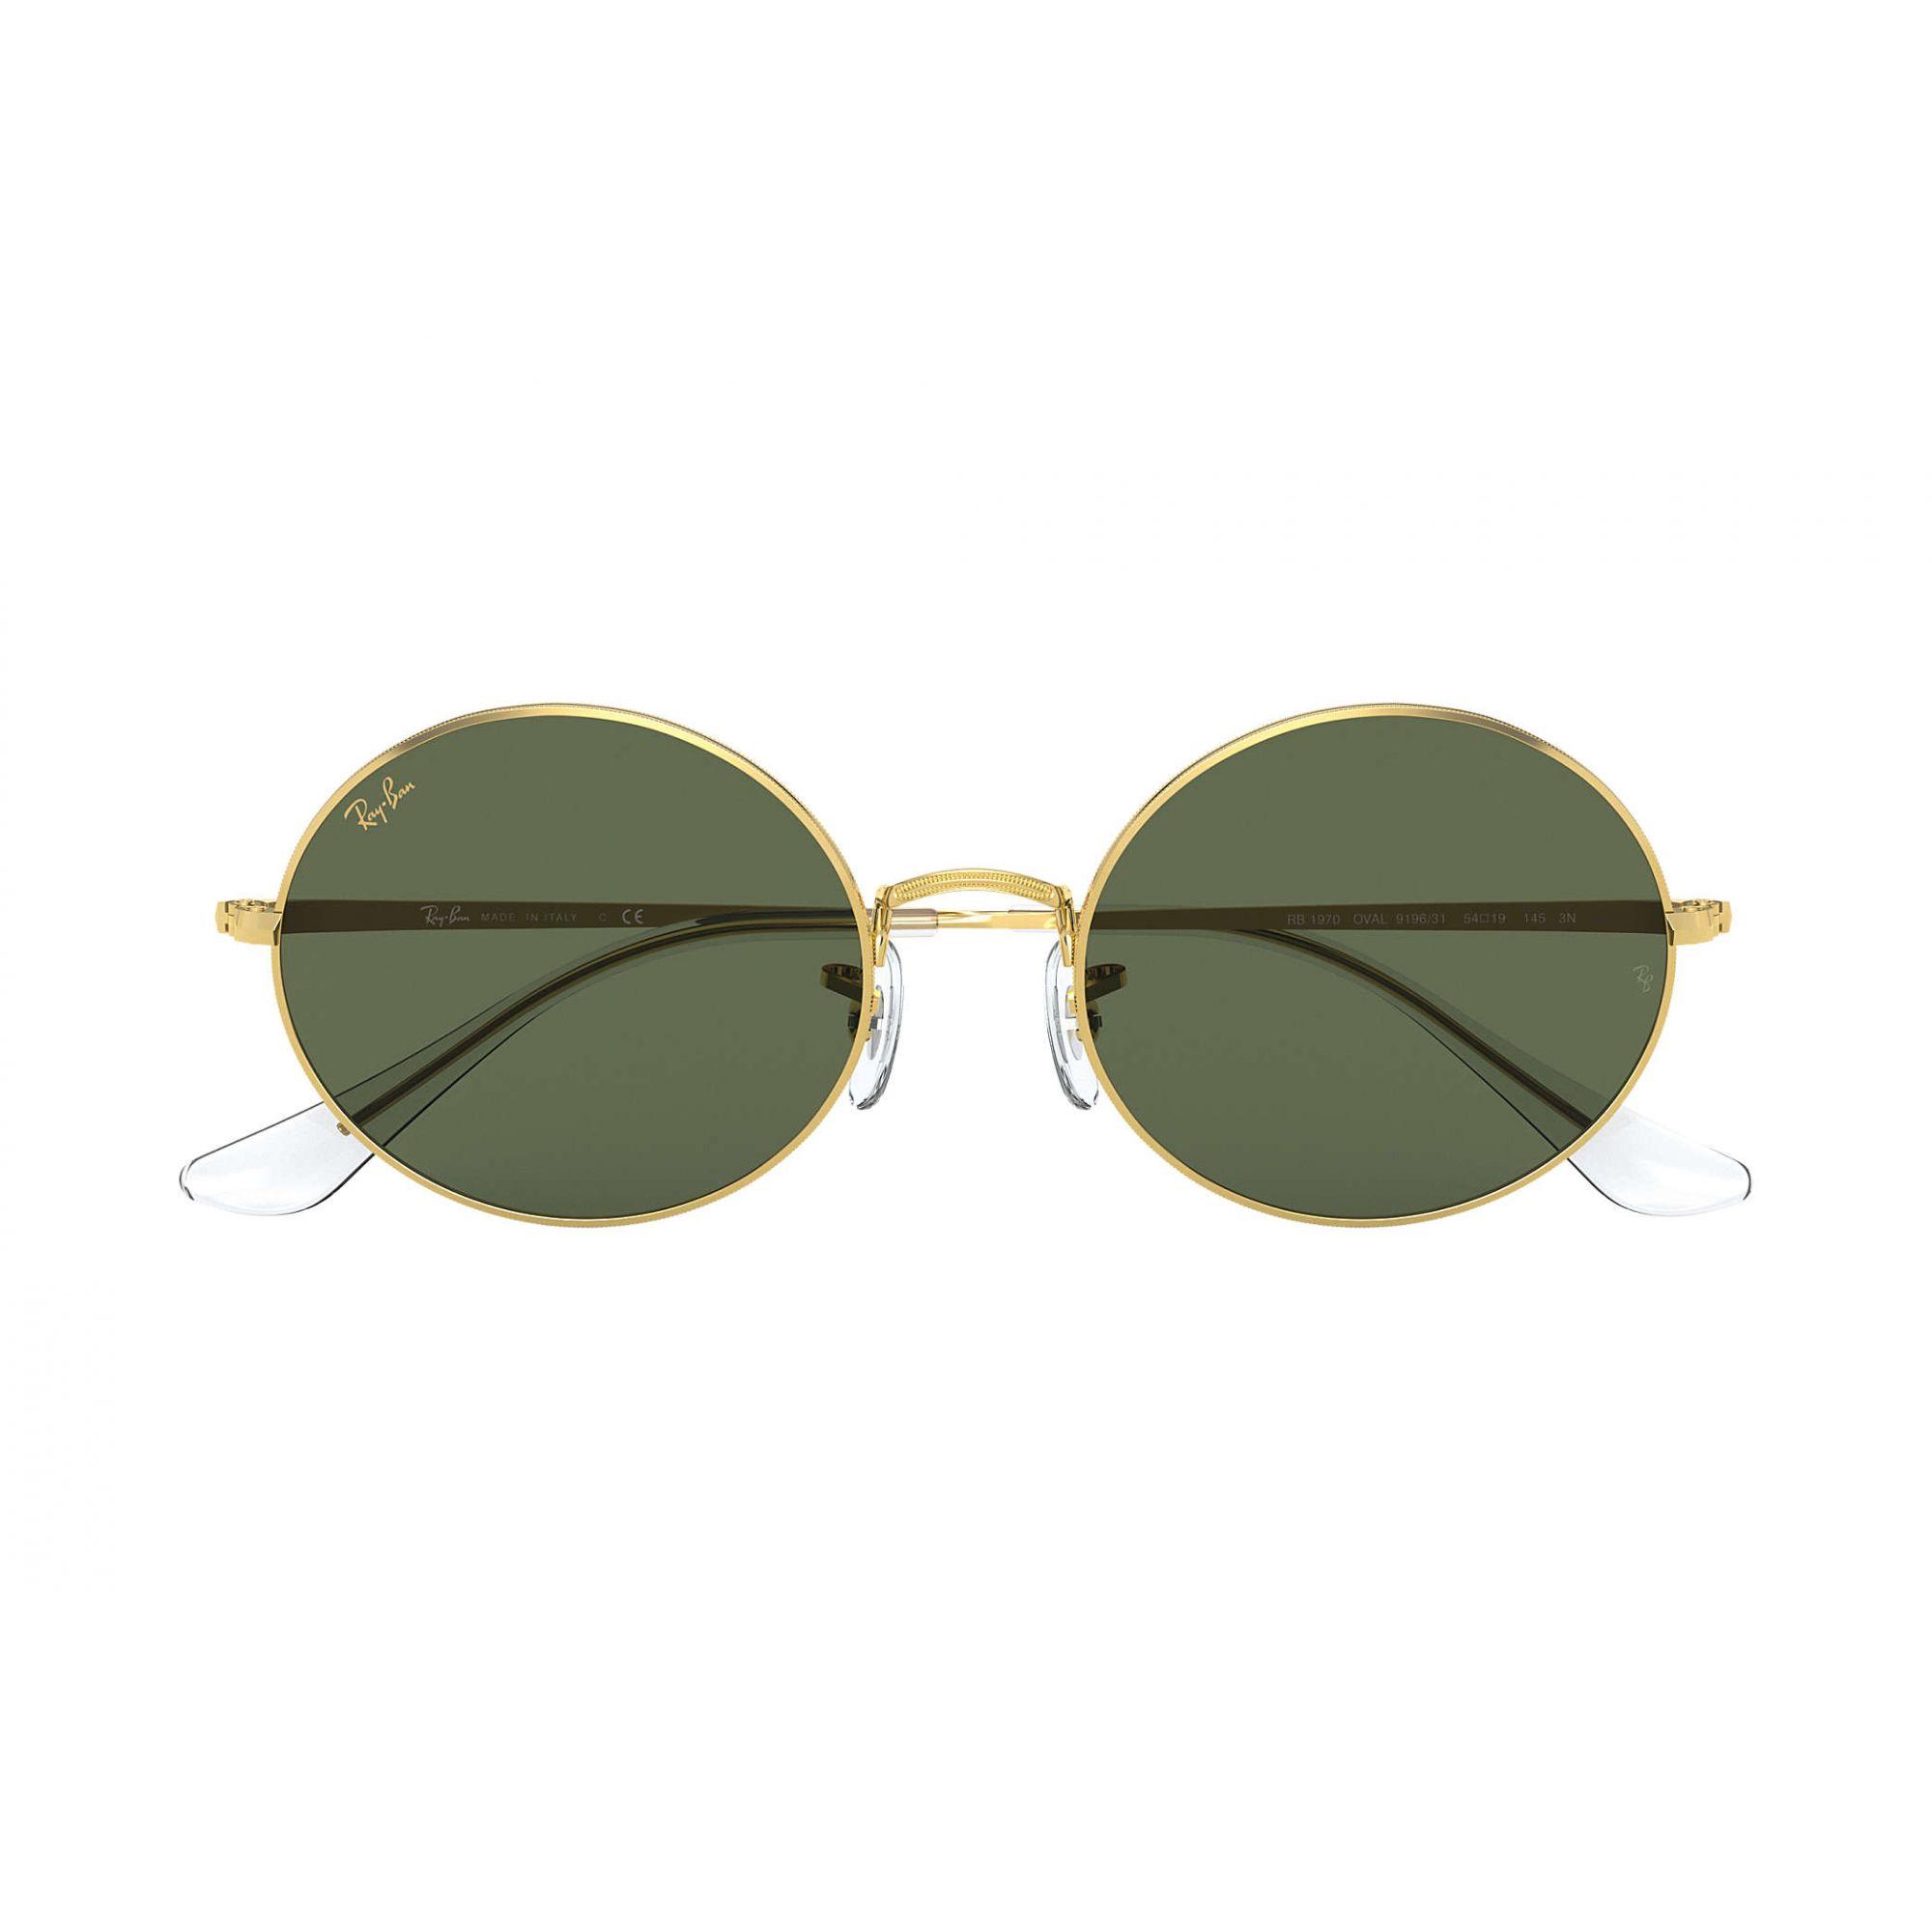 Ray Ban - RB1970 919631 - Óculos de sol